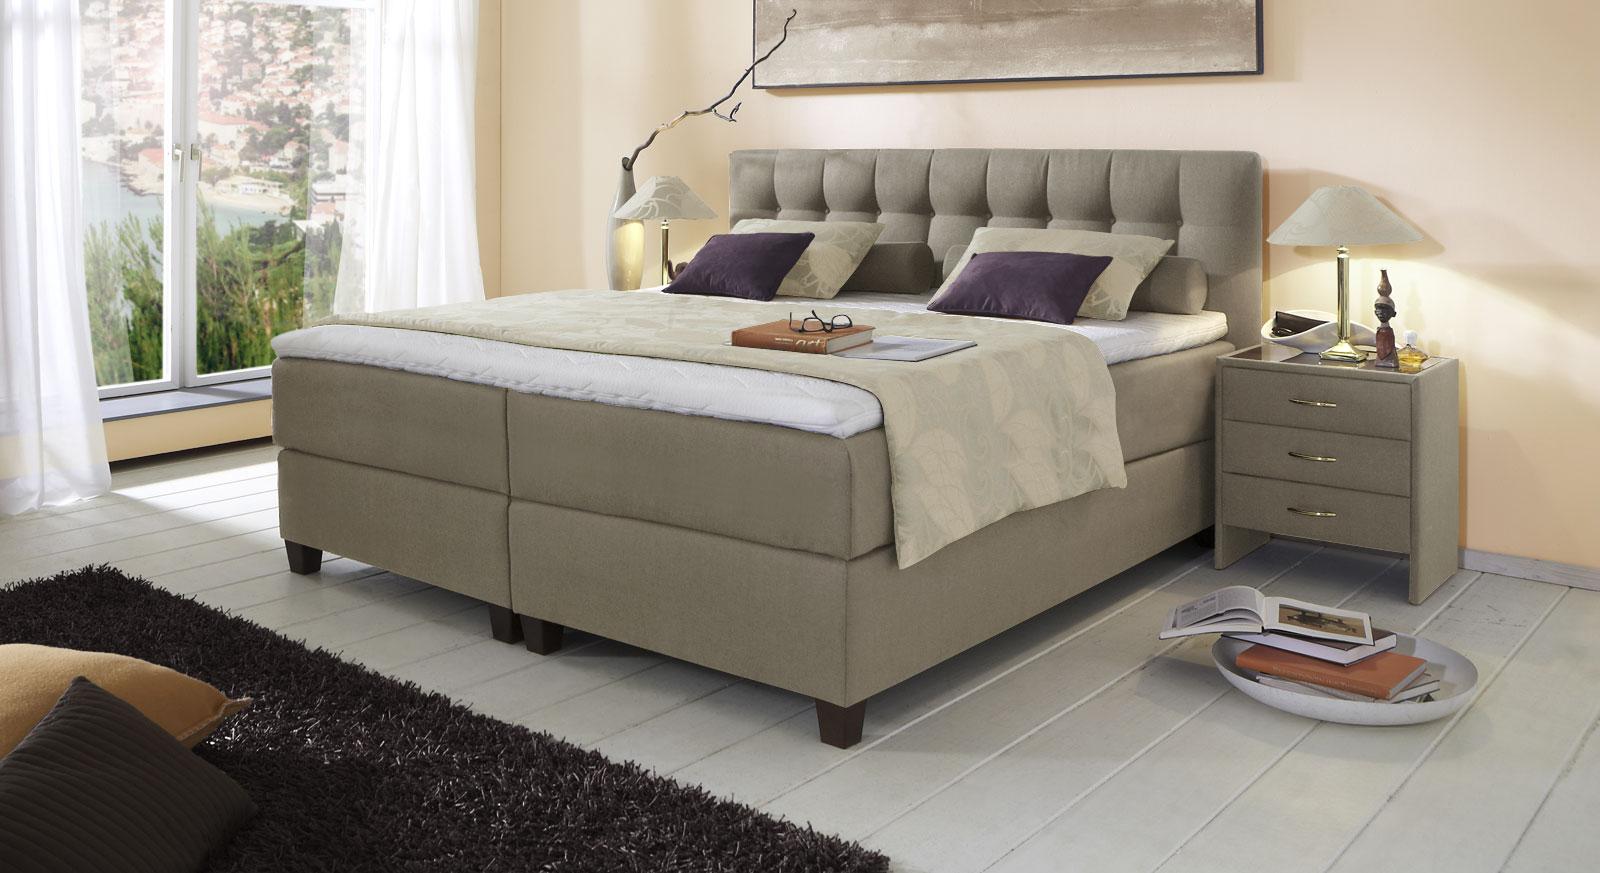 Spring-Box-Bett Luciano mit pflegeleichtem Webstoffbezug in Taupe